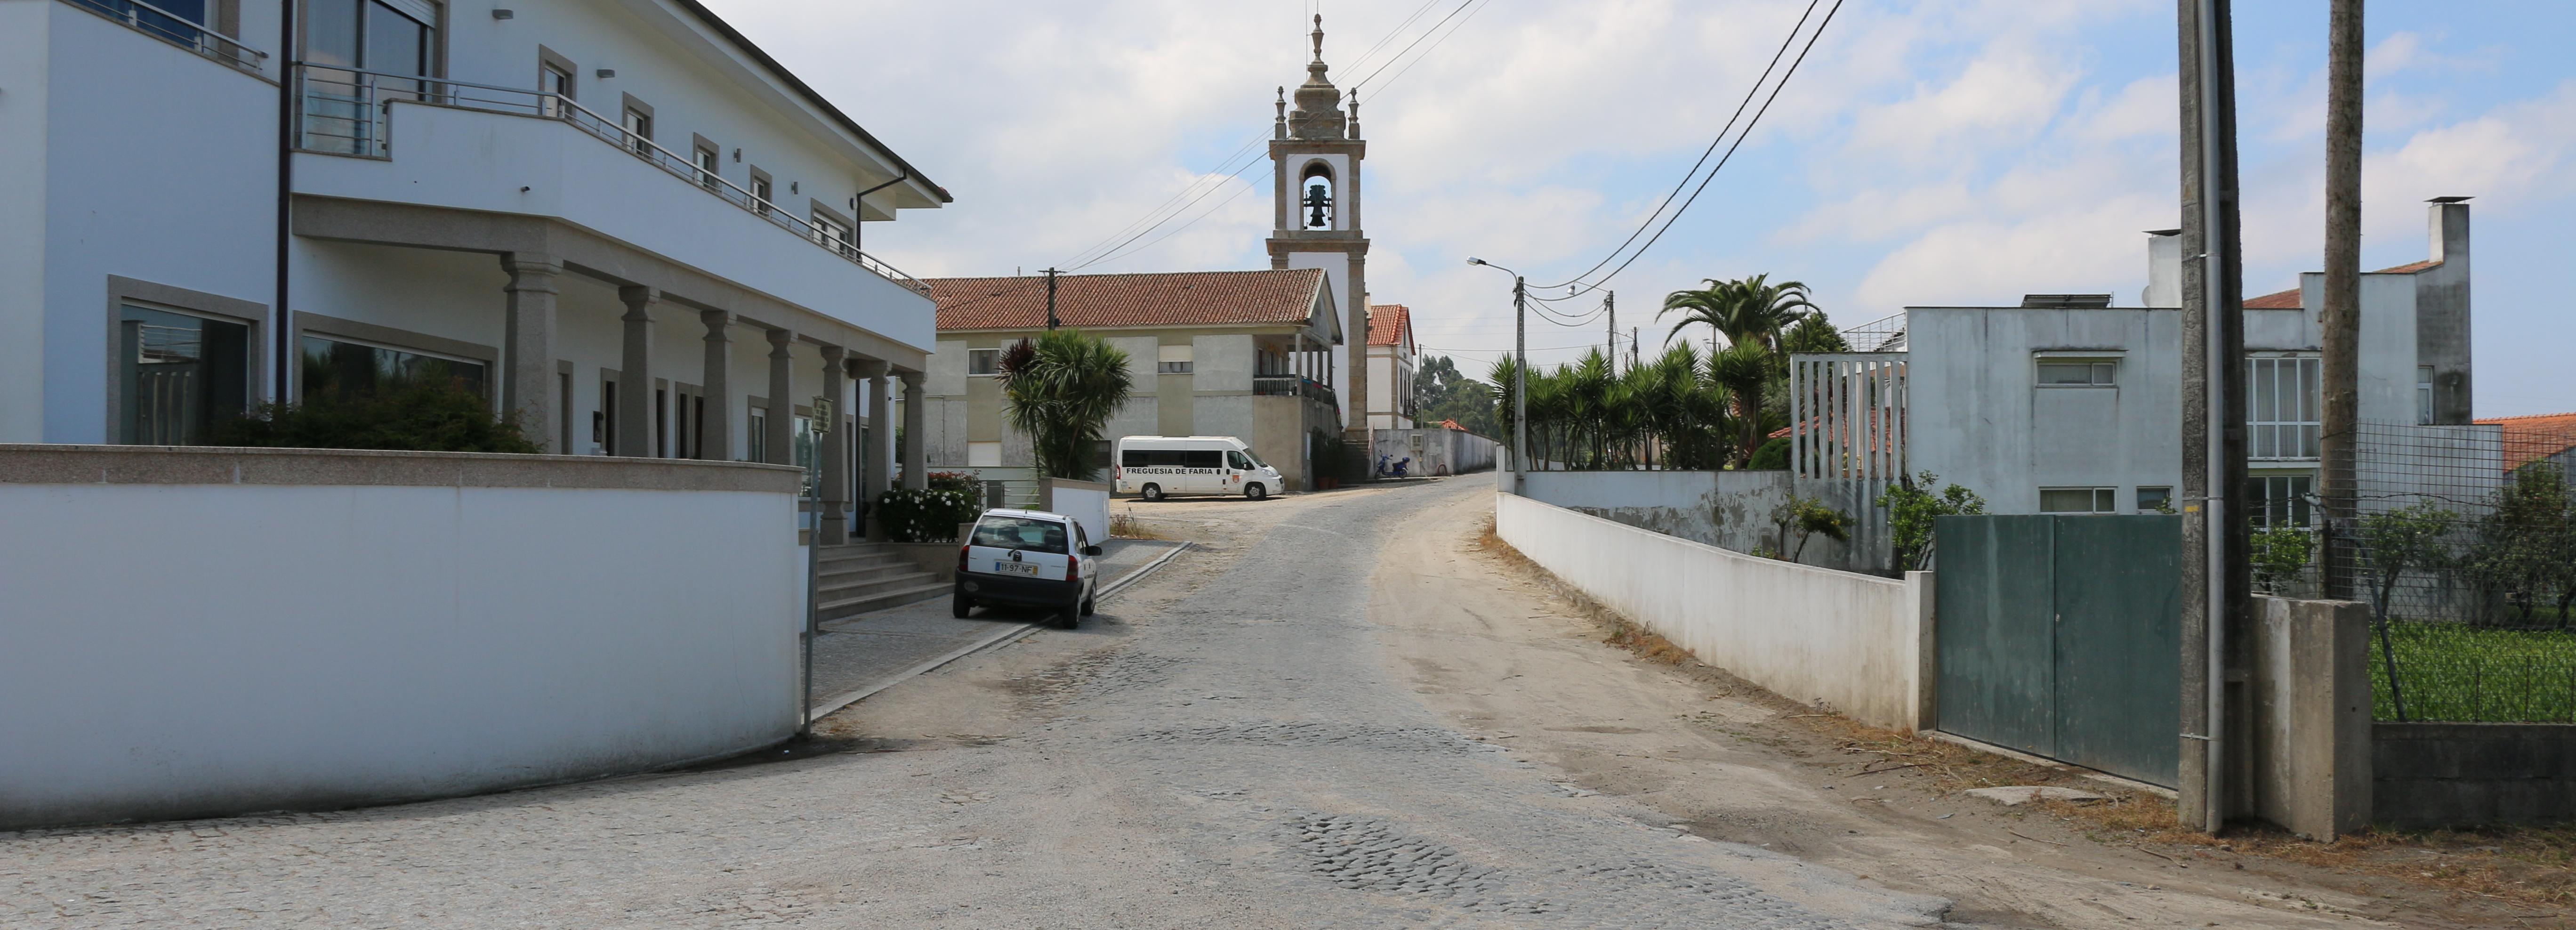 Projeto de beneficiação da estrada entre Milhazes e Faria está pronto e vai custar 1,7 milhões de euros